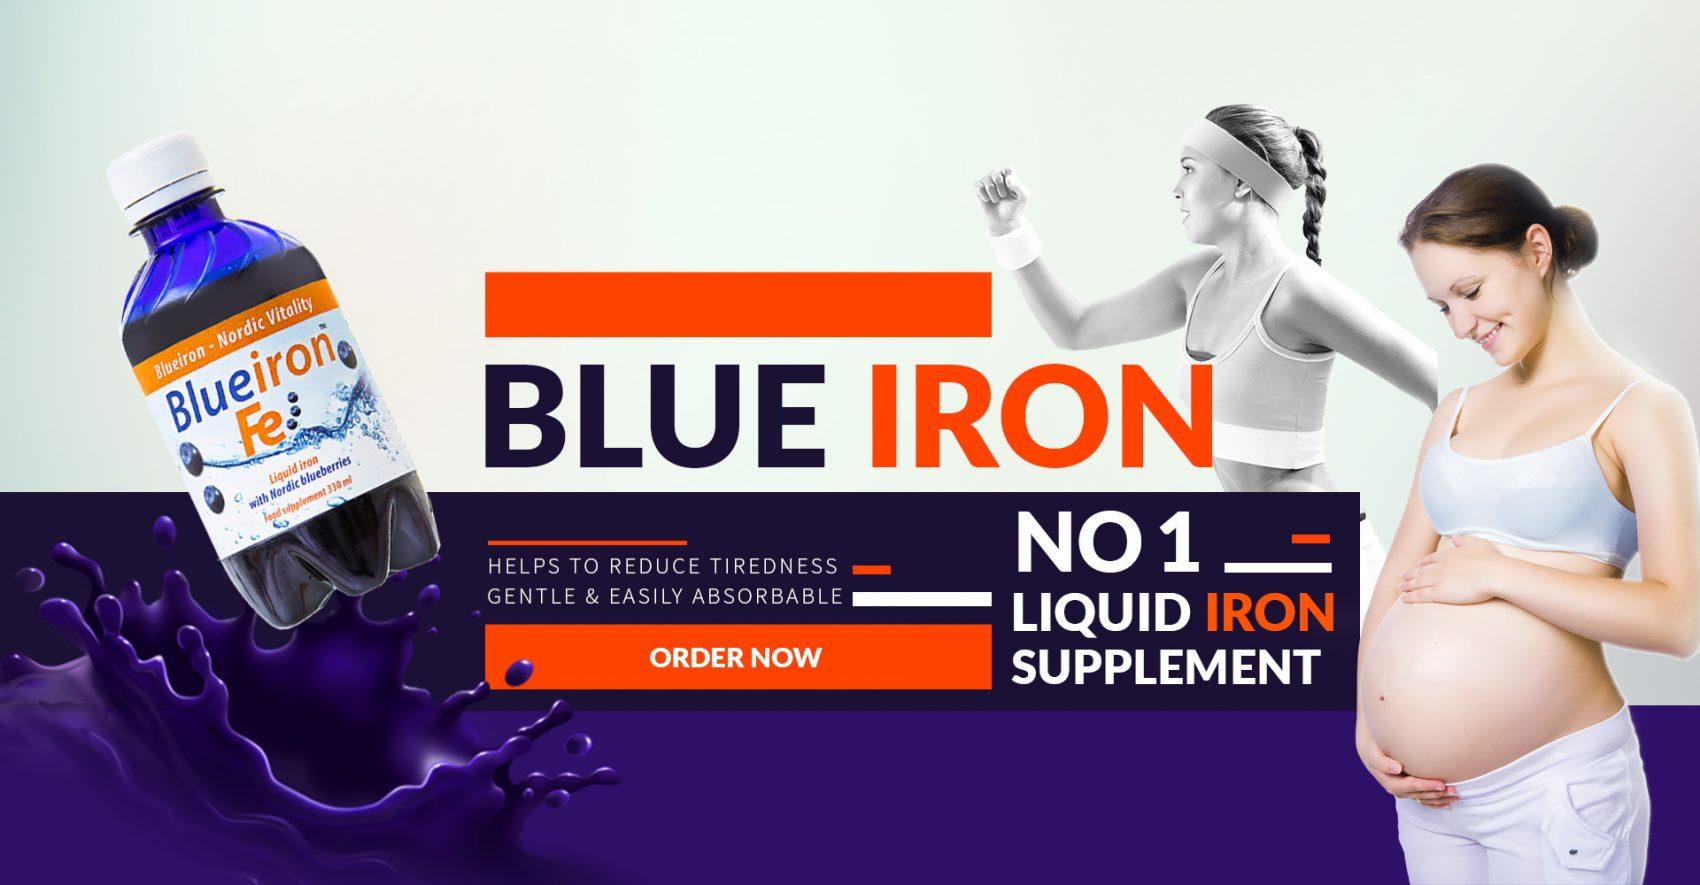 blue iron magento and seo dublin ireland